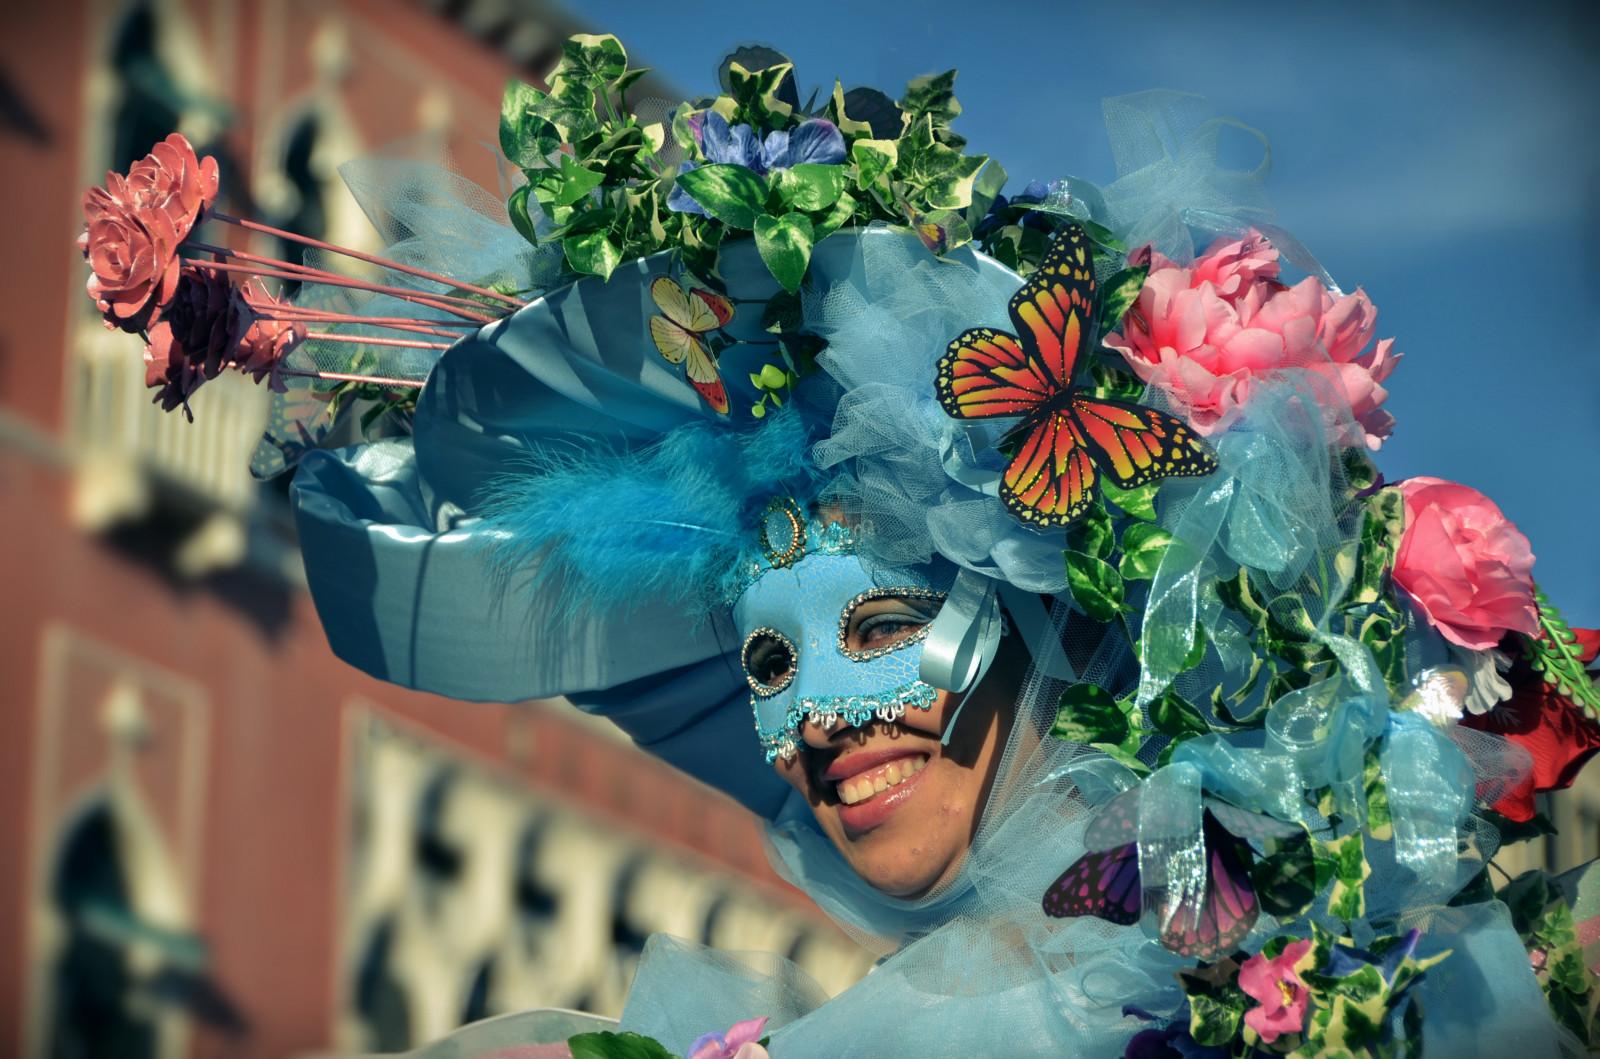 Fotos de disfraces de carnaval 2013 72